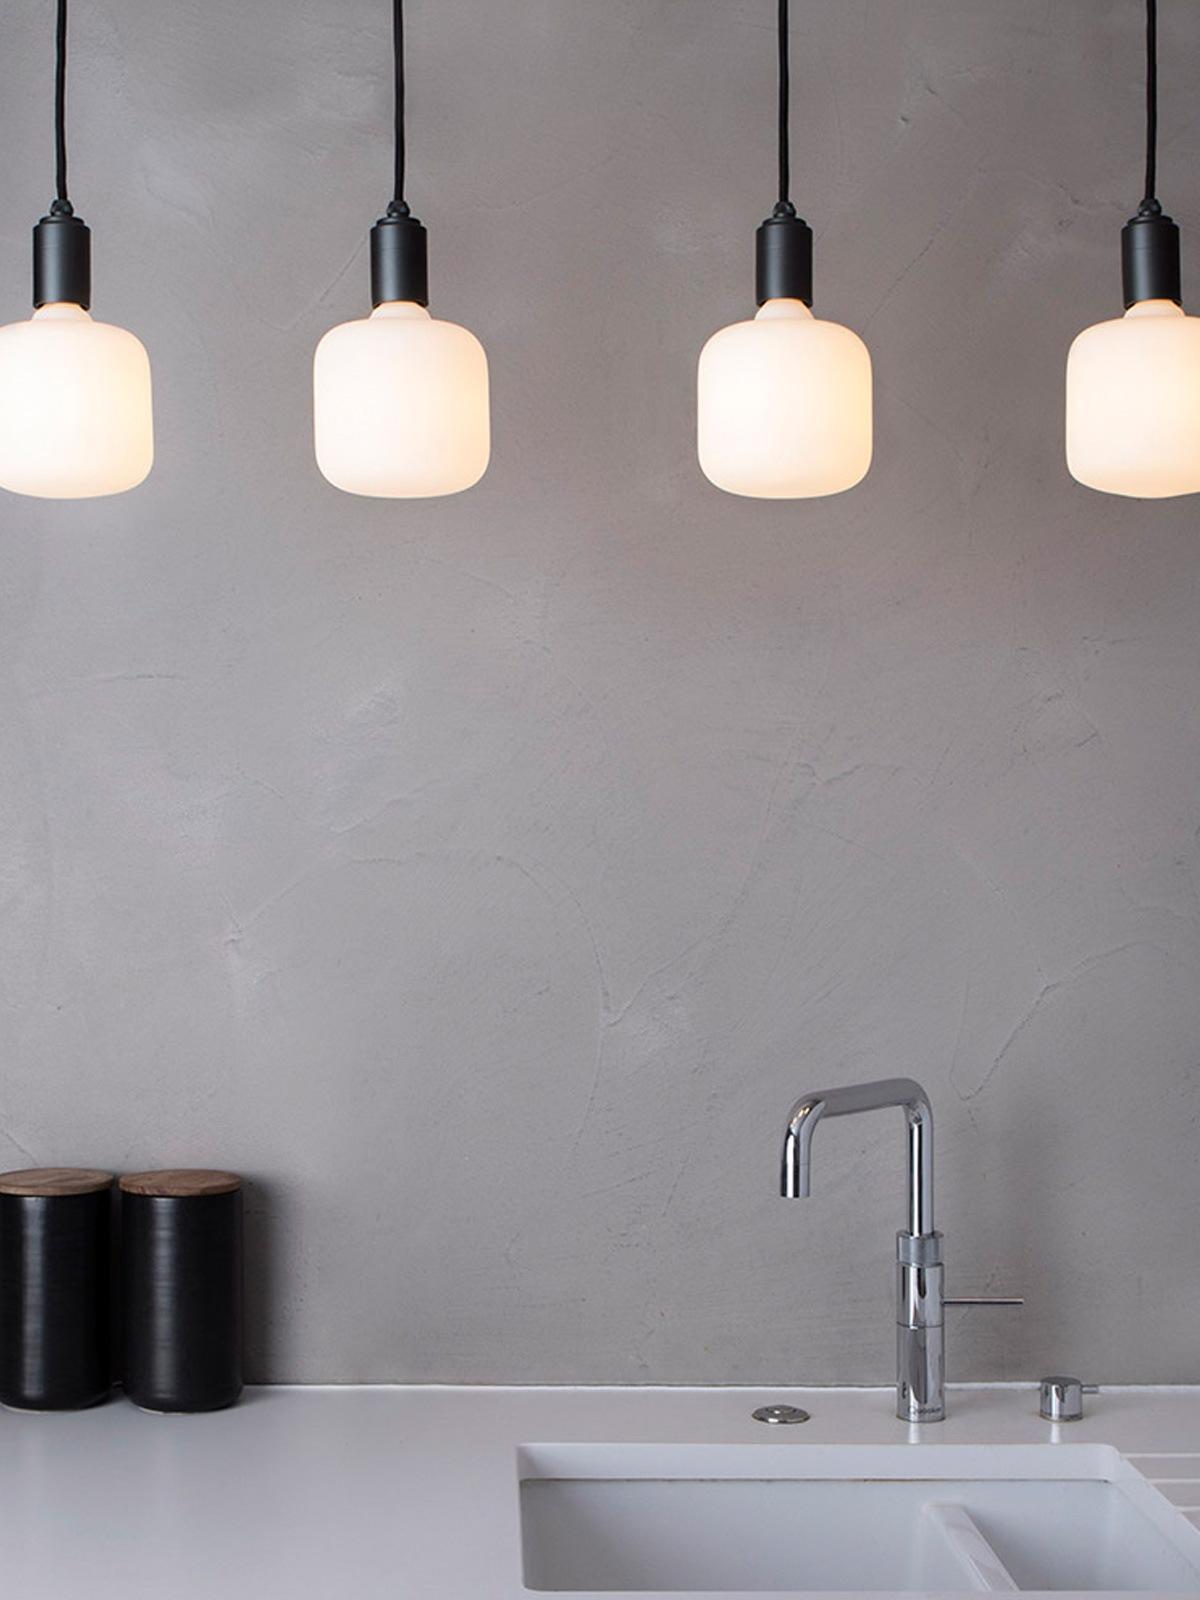 DesignOrt Blog: Tala Pendant Lights DesignOrt Lampen und Leuchten Berlin Onlineshop